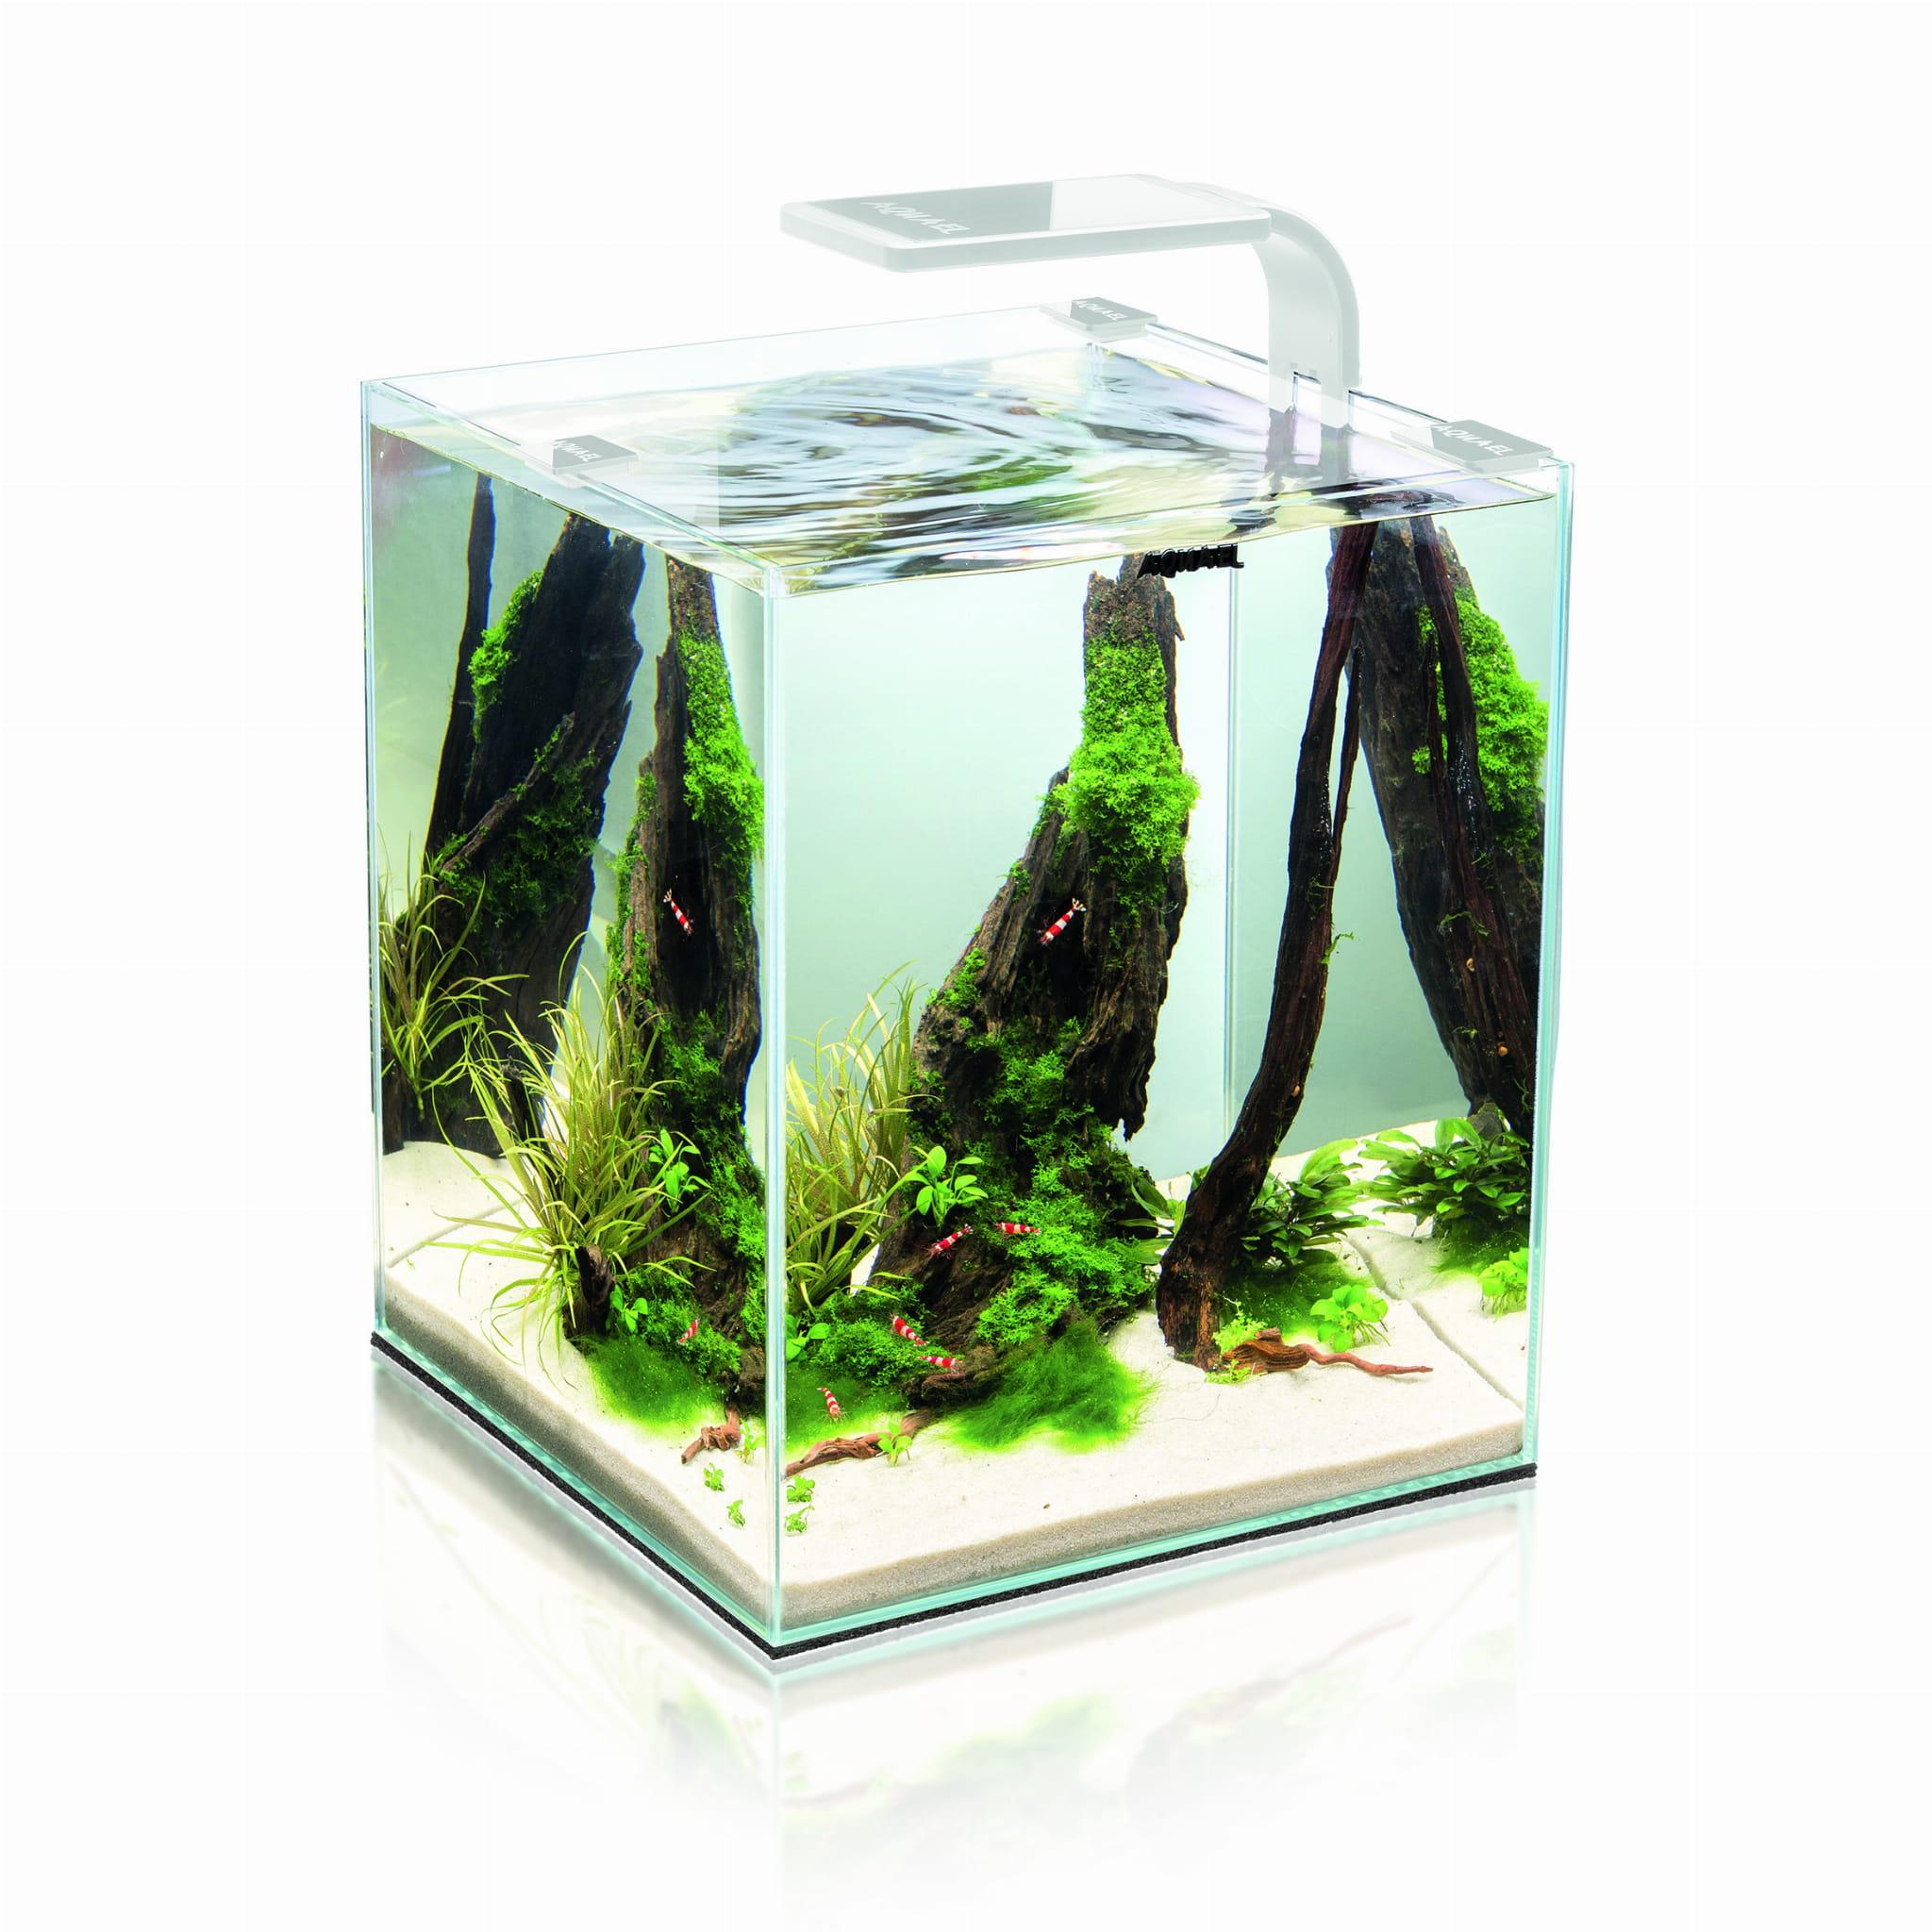 Aquael Leddy Smart 2 Oświetlenie Lampa Led 6w Do Akwarium Plant Biała